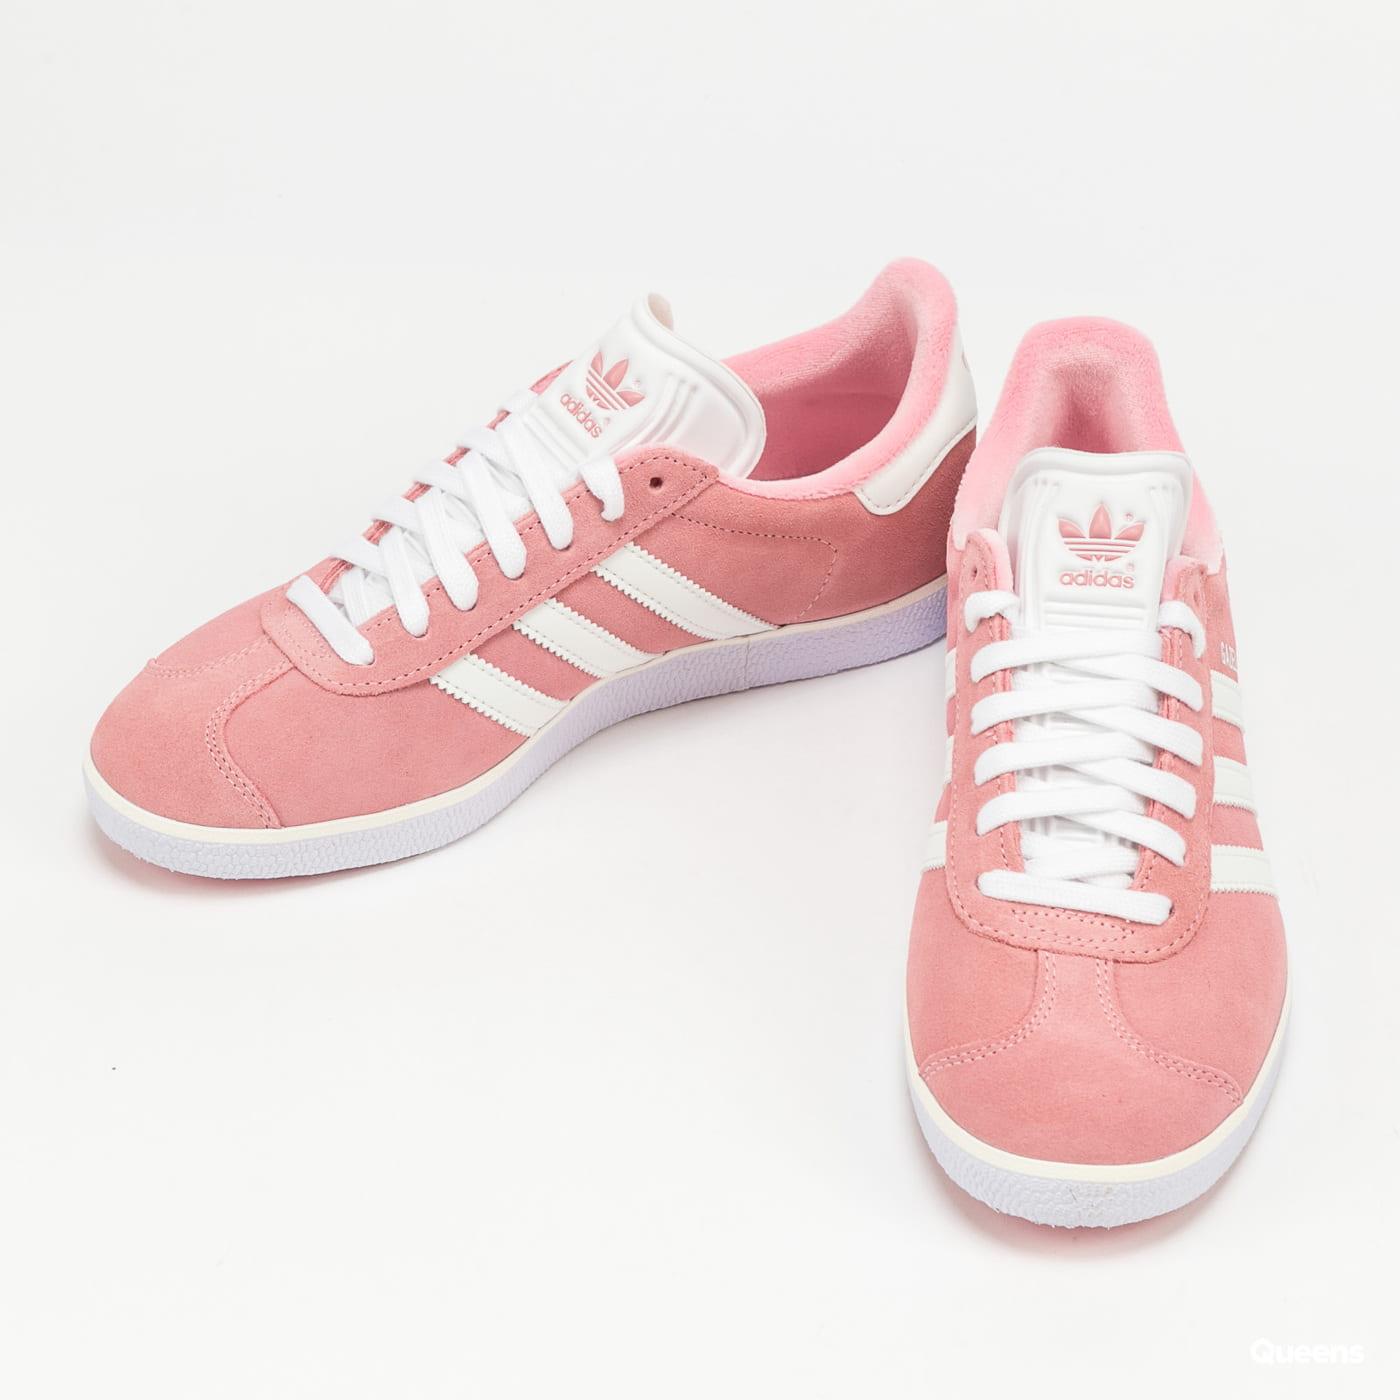 adidas Originals Gazelle W ltpink / cwhite / silvmt